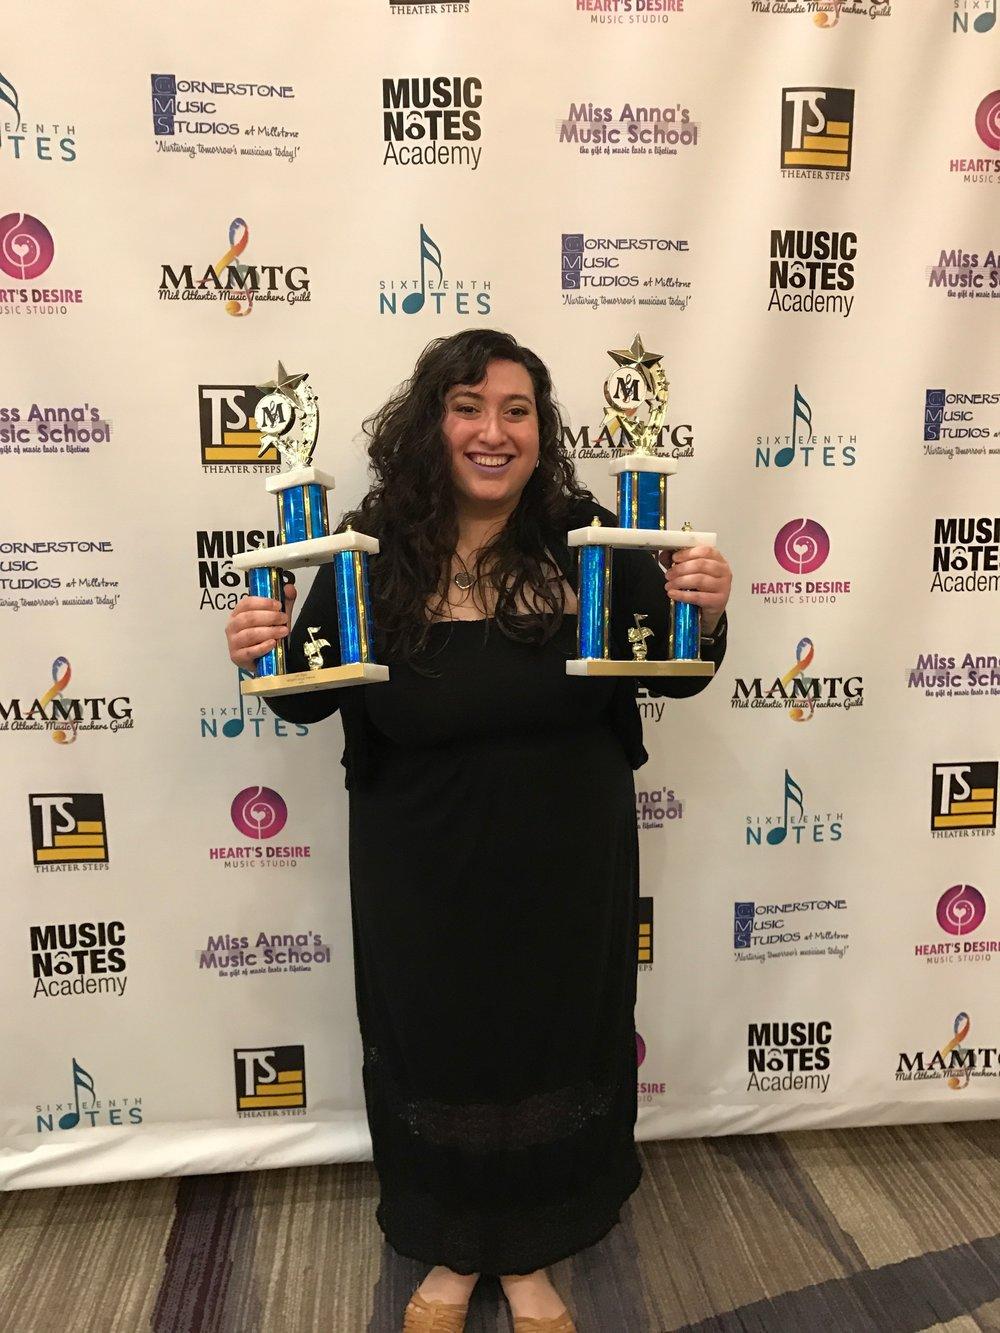 MAMTG2017 Stephanie Awards.JPG